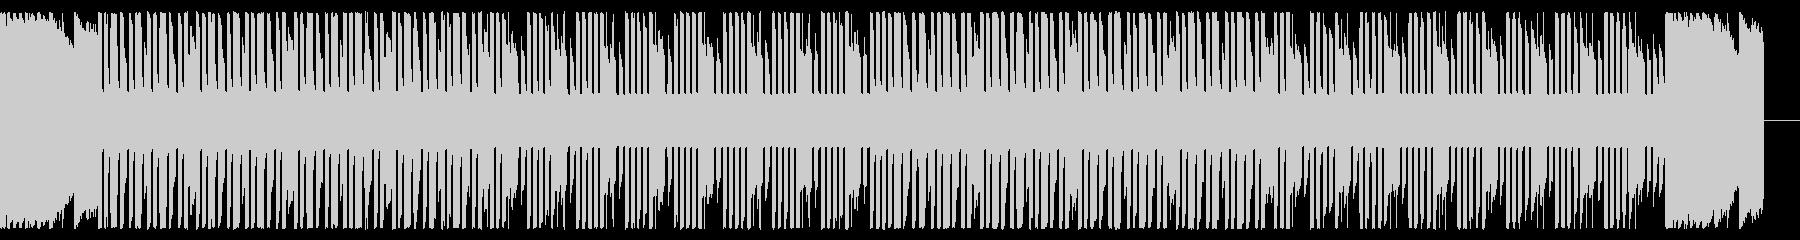 楽しいウキウキ チップチューン 8bitの未再生の波形